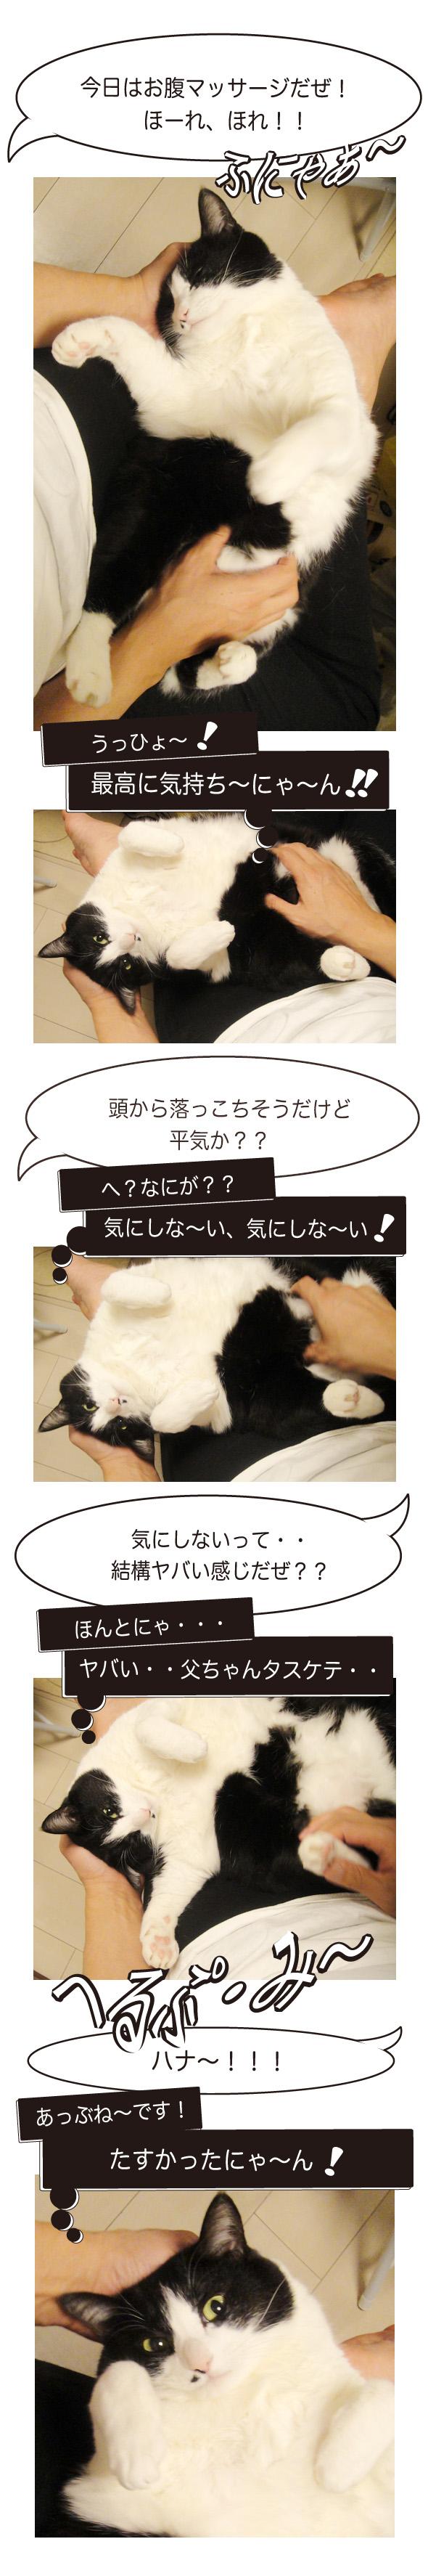 cats20160323.jpg